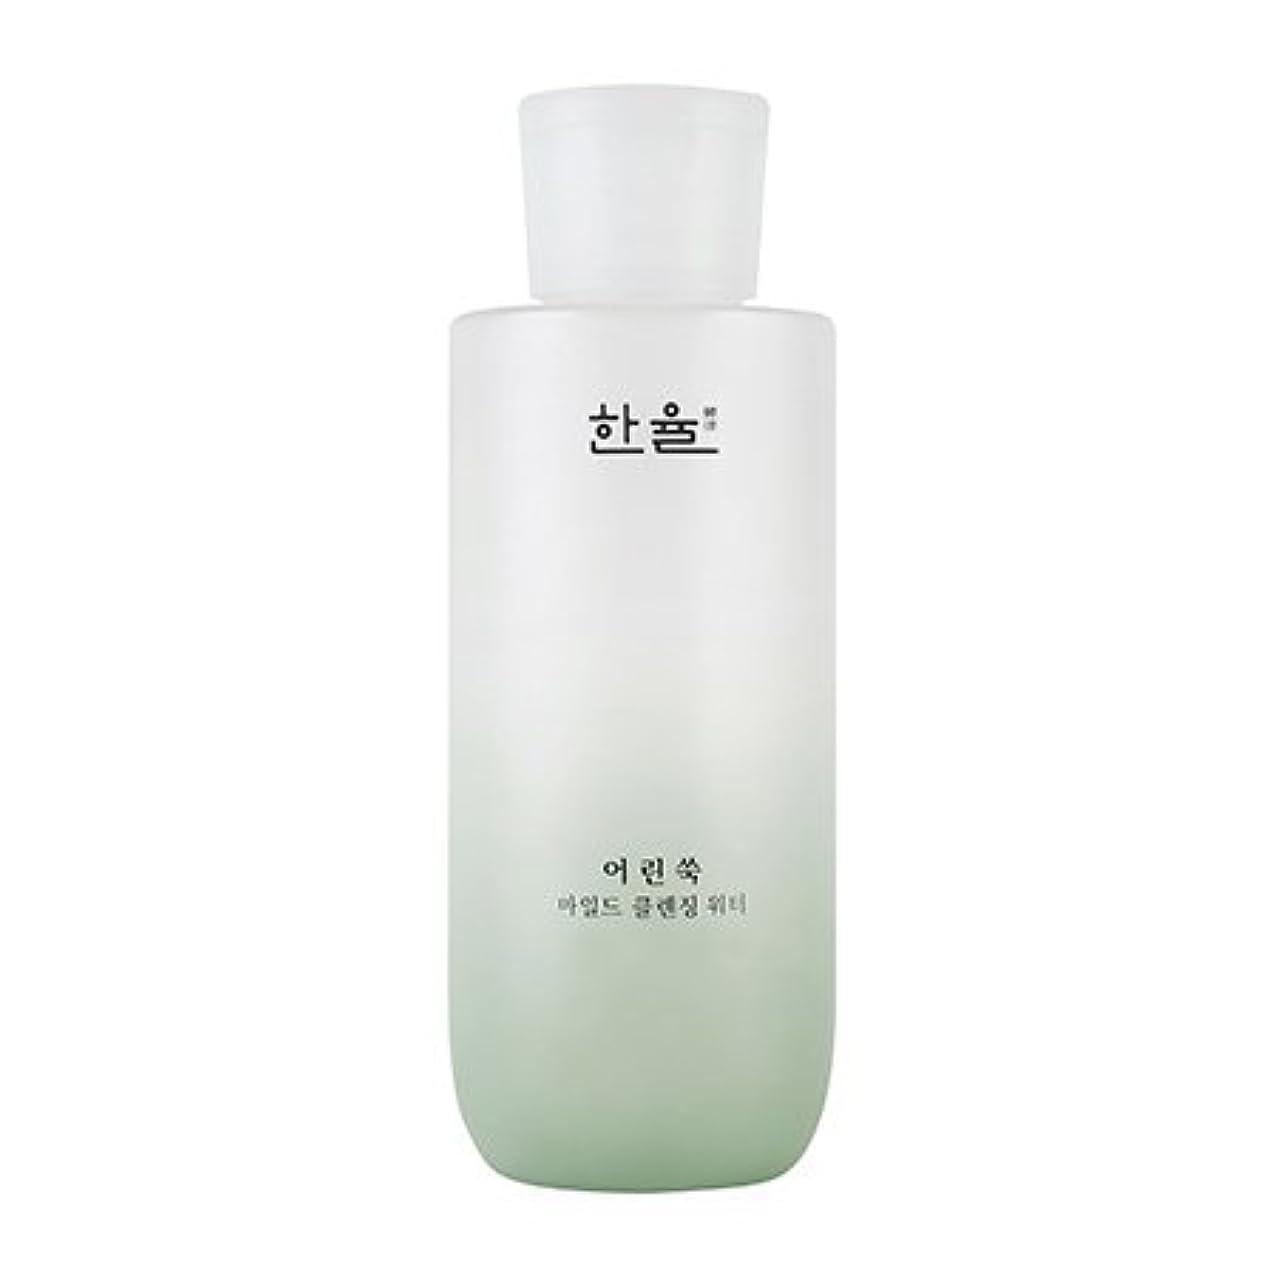 告白するつまずくエンティティHANYUL Pure Artemisia Mild Cleansing Water 300ml / ハンユル ピュアアルテミシアマイルド クレンジングウォーター 300ml [並行輸入品]